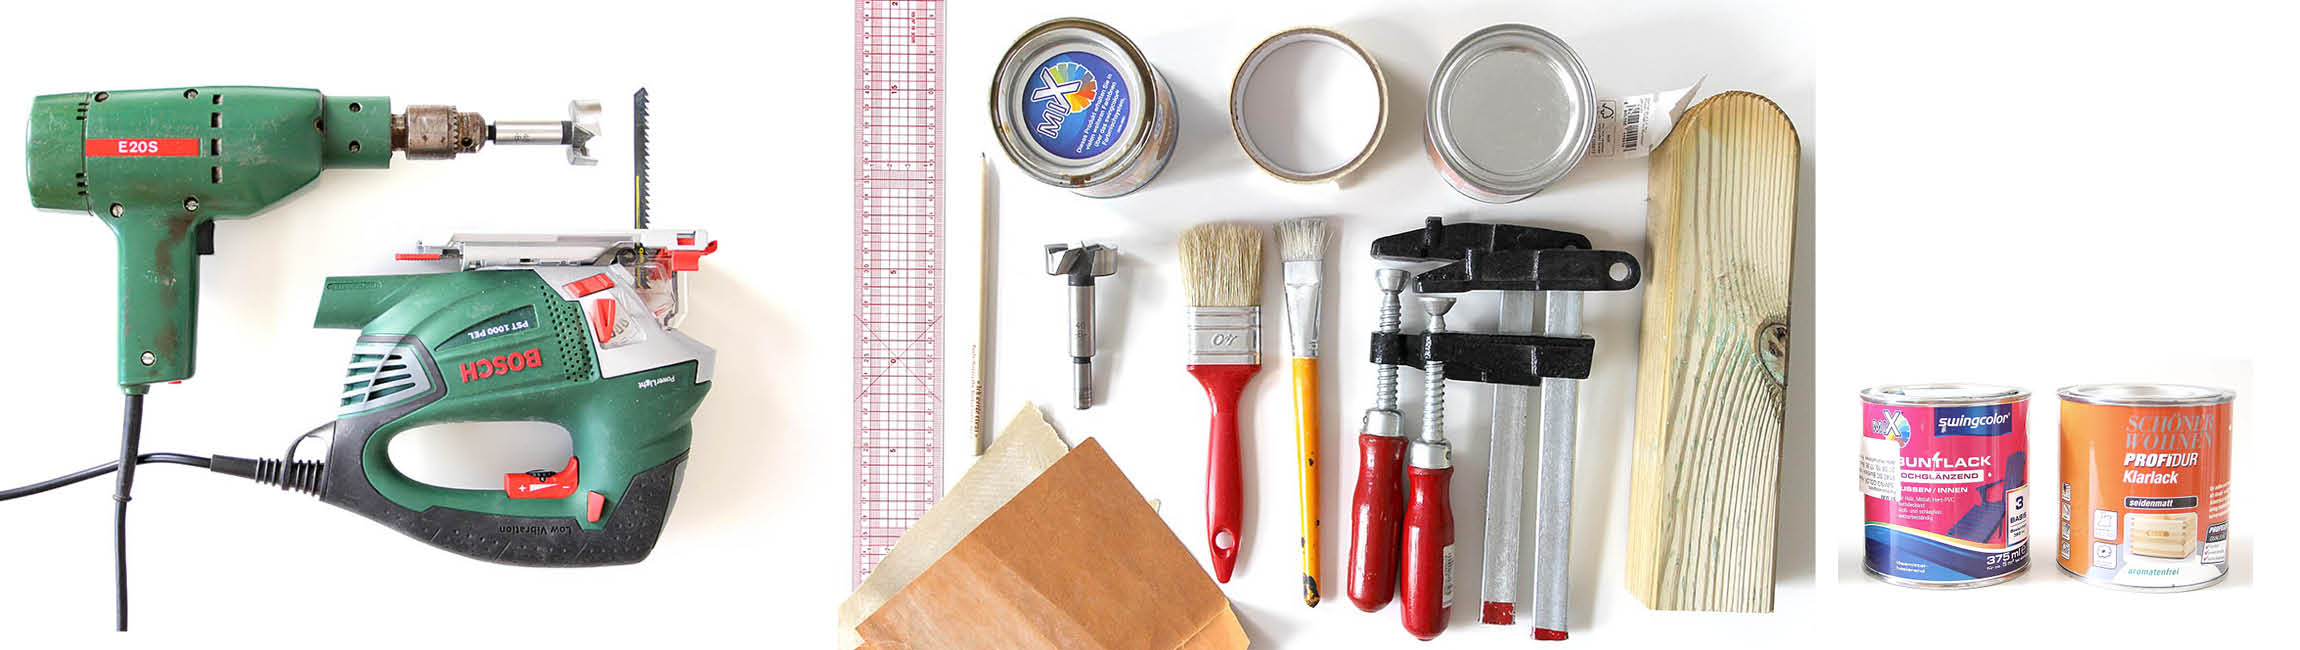 Ein Überblick über alle benötigten Werkzeuge